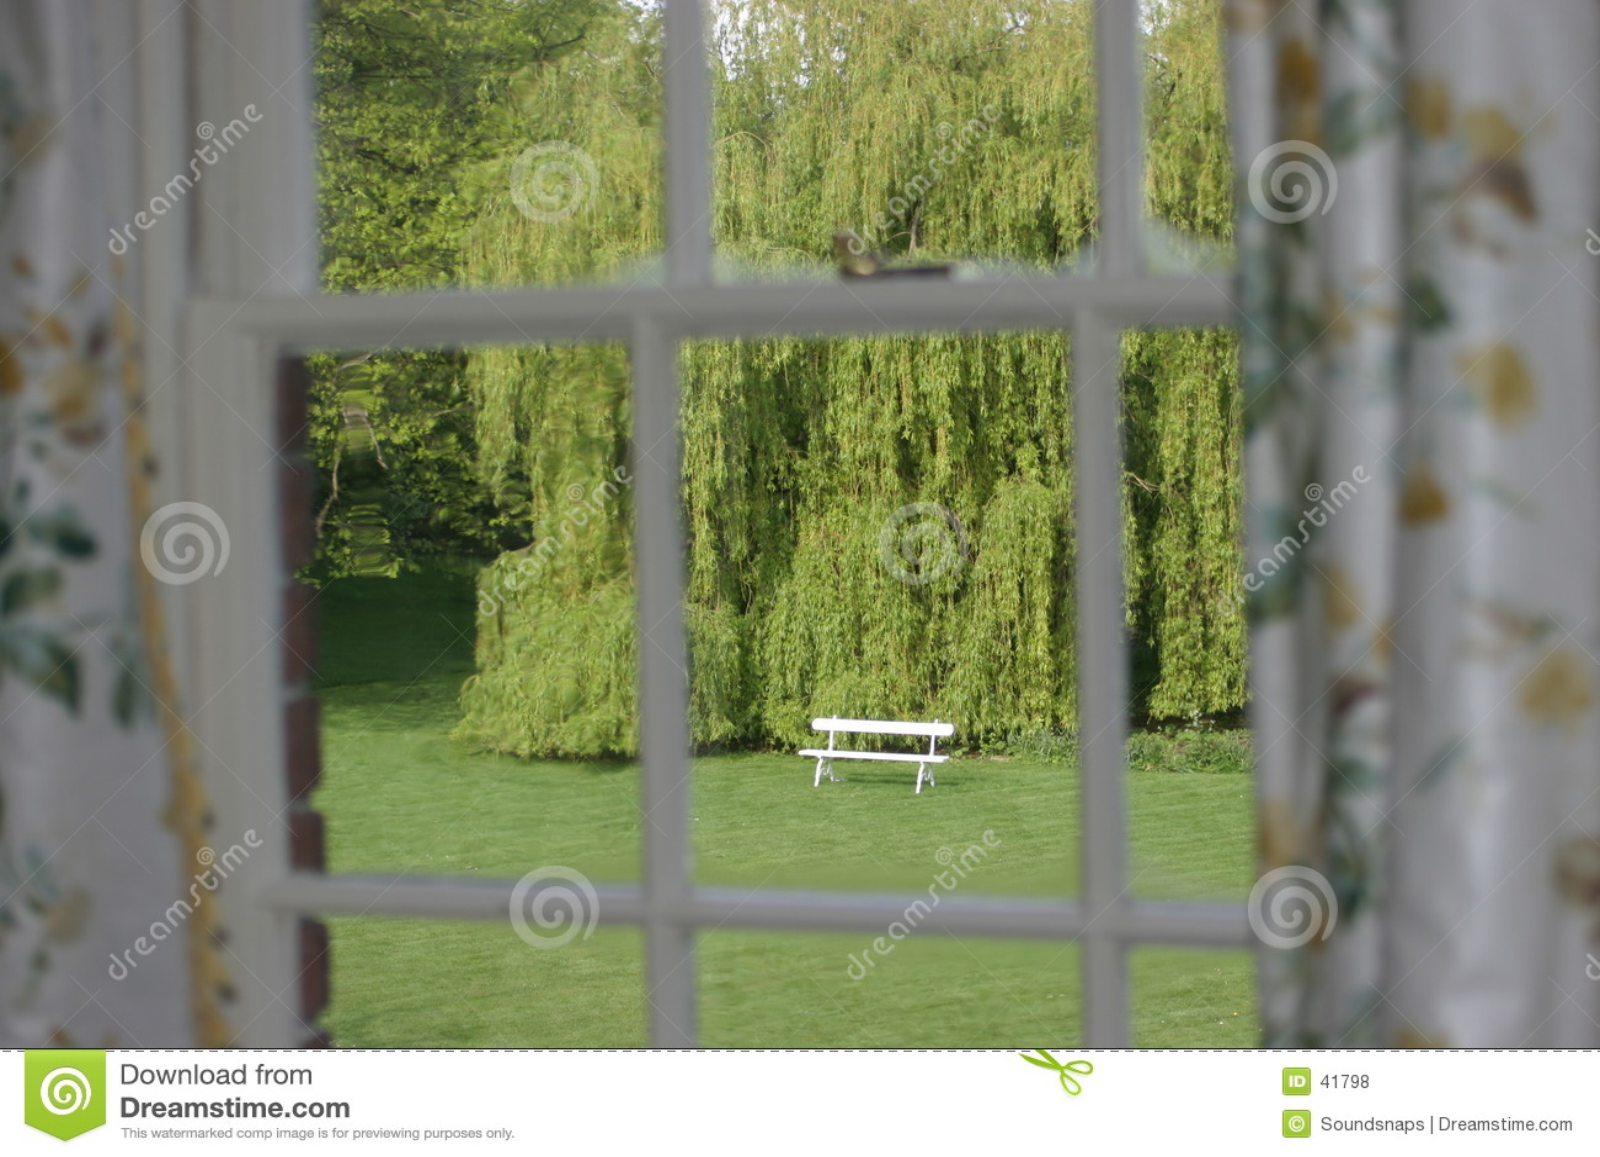 Assento de jardim visto através do indicador